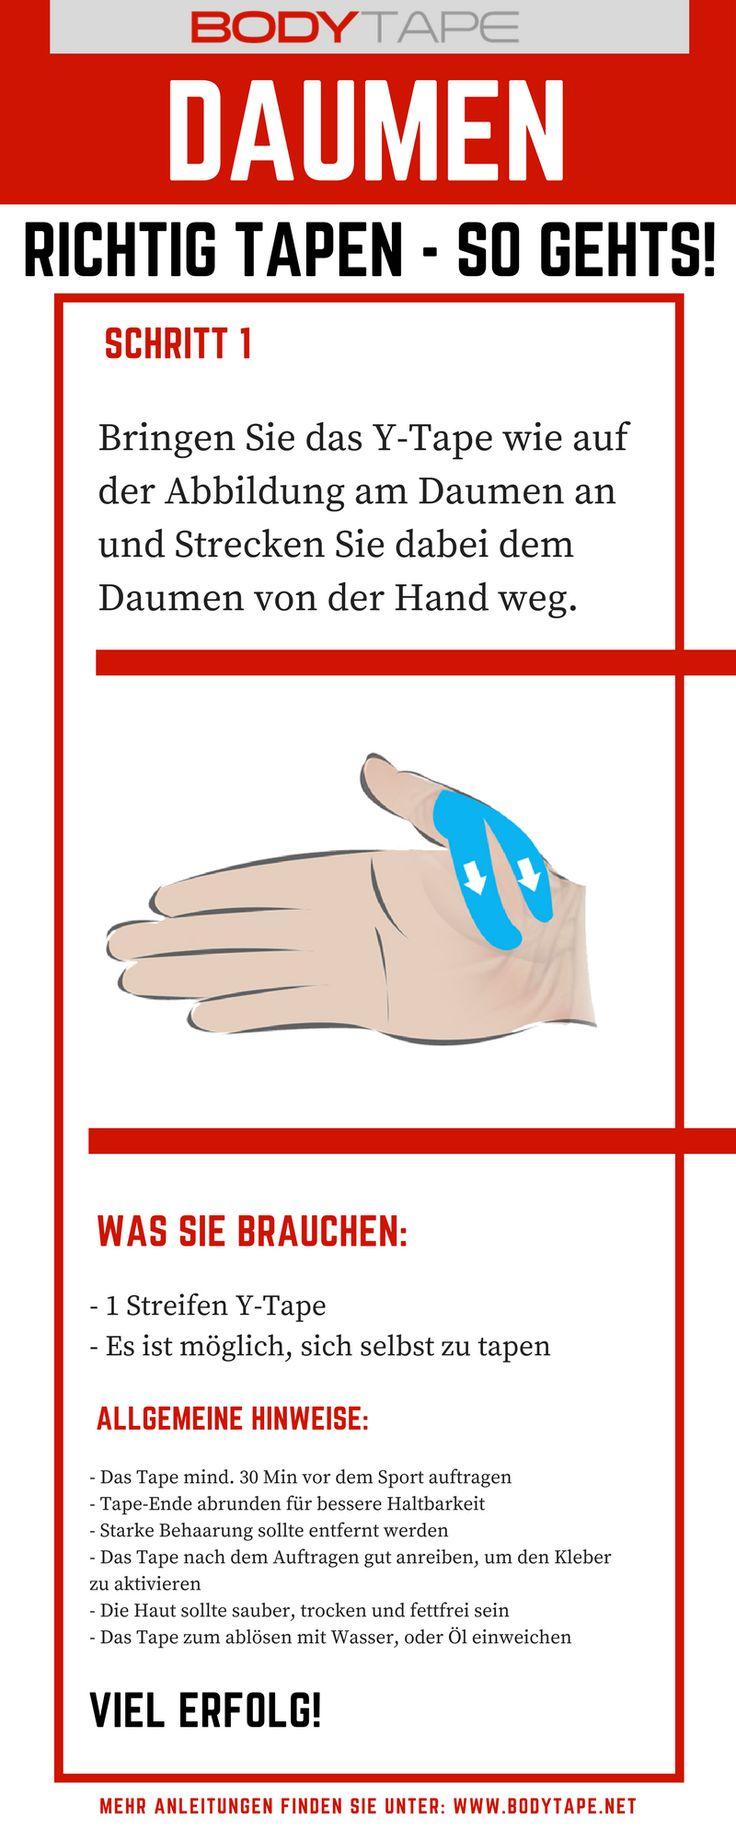 Daumen Tapen Anleitung - Kinesiology Tape Anleitung für den Daumen - Lerne jetzt den Daumen richtig selbst zu tapen!